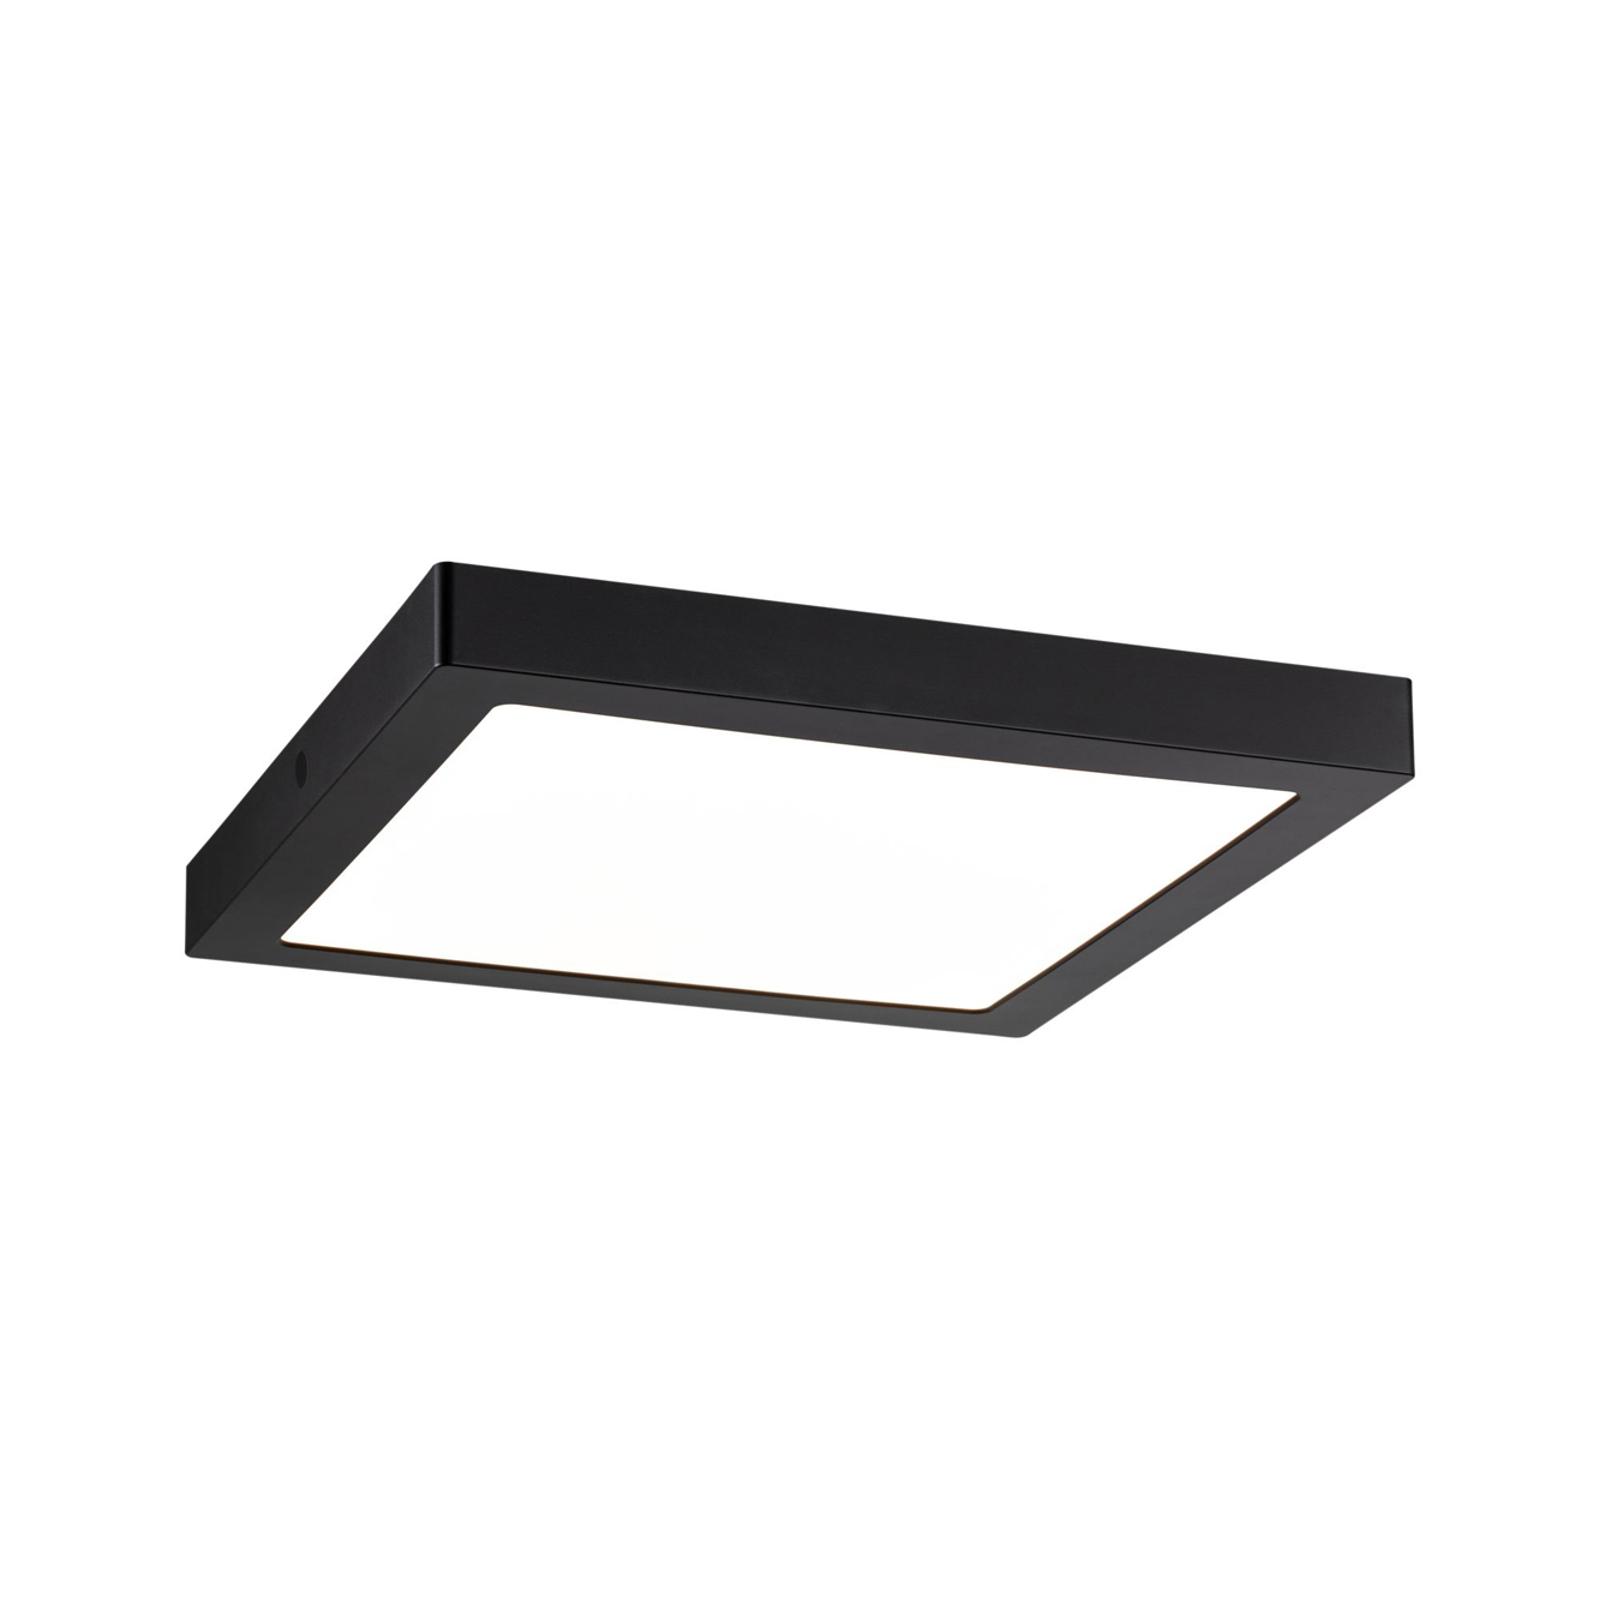 Paulmann Abia panel LED kątowy, czarny matowy